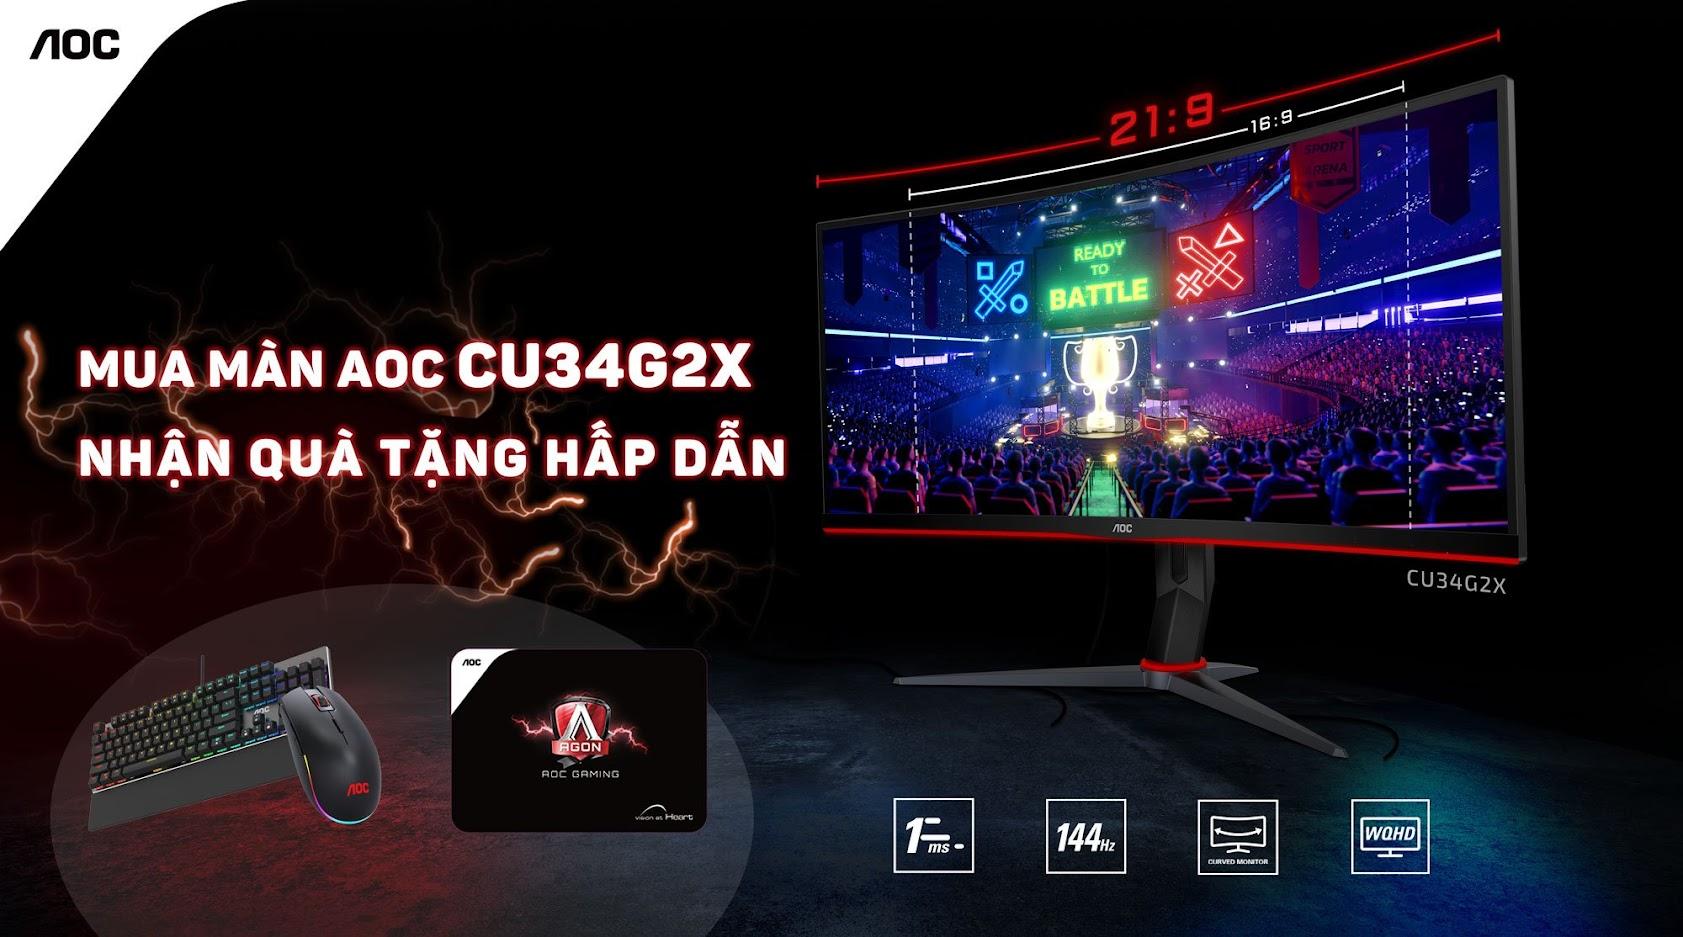 Màn hình chuẩn Cinema 21:9 - AOC CU34G2X